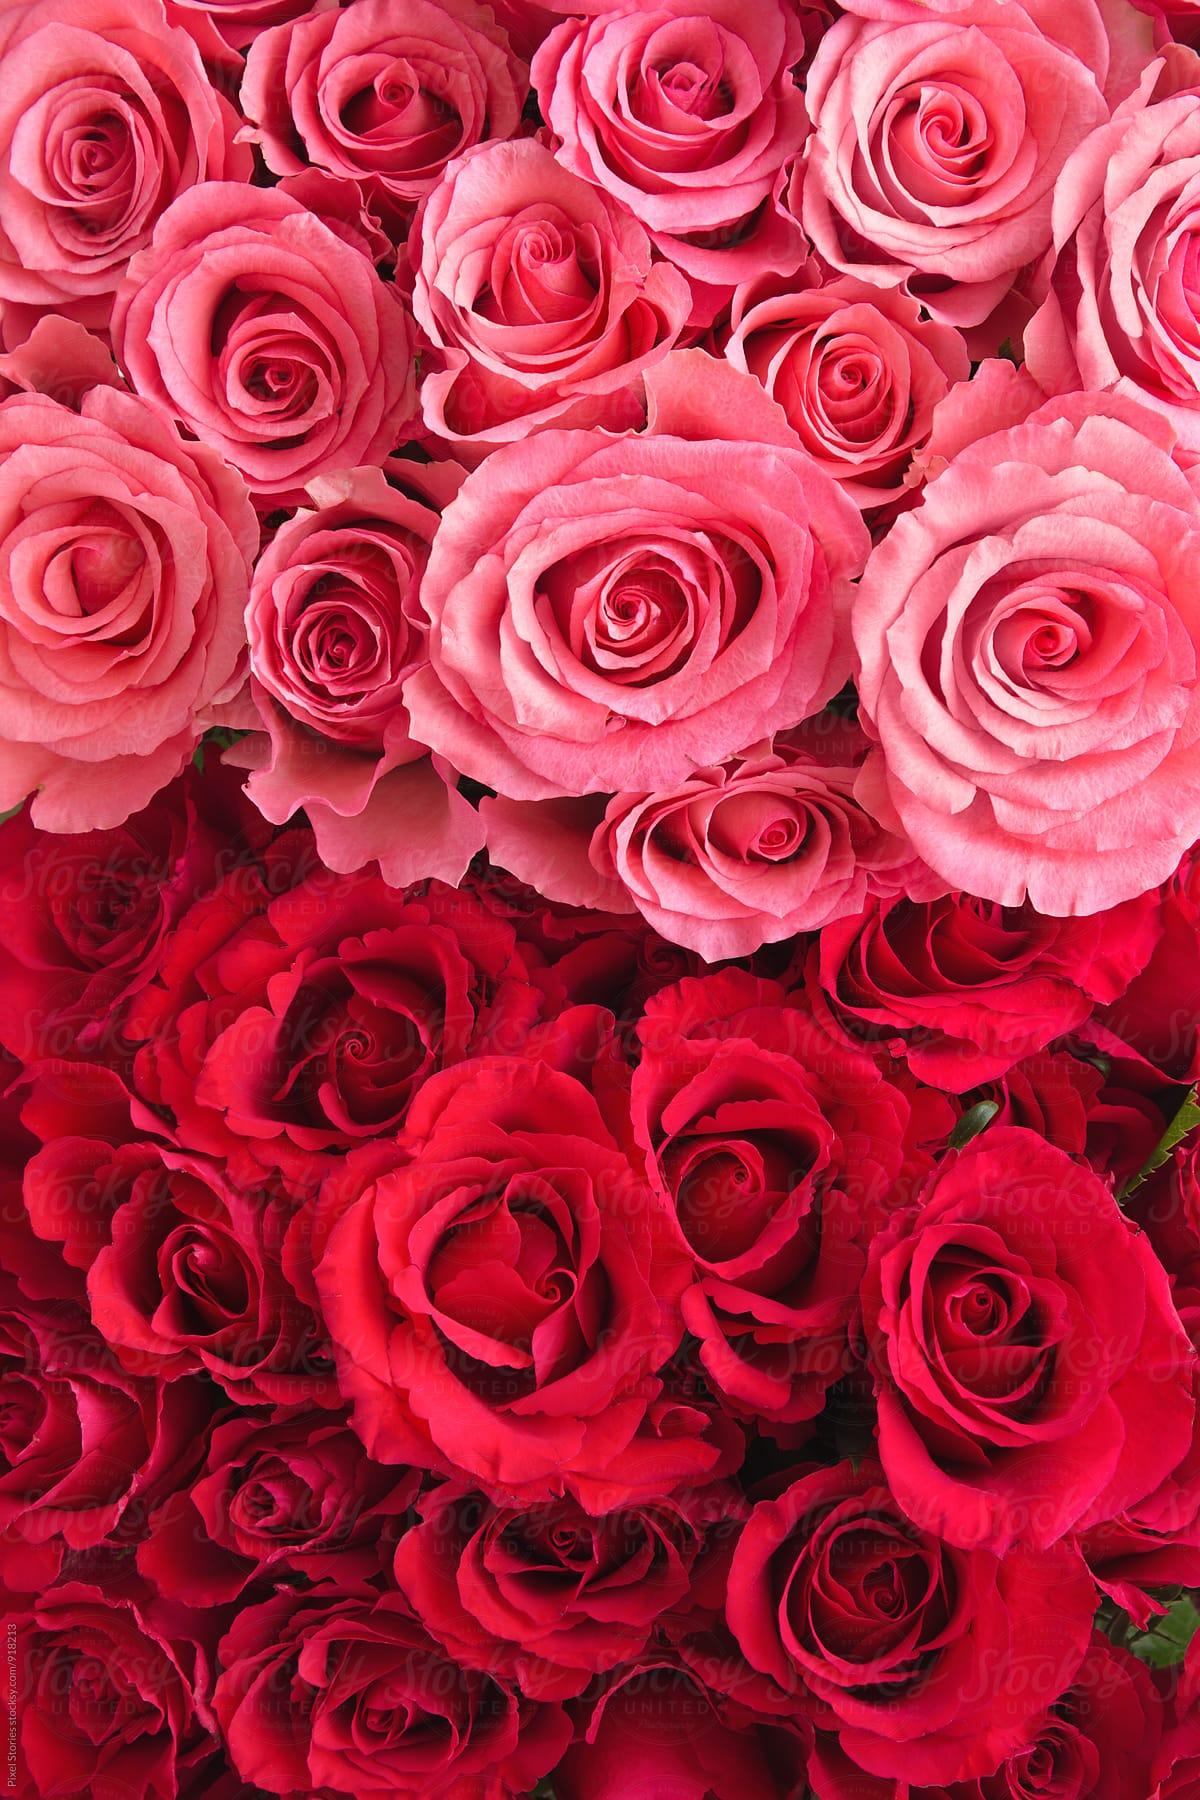 roses stock background photo